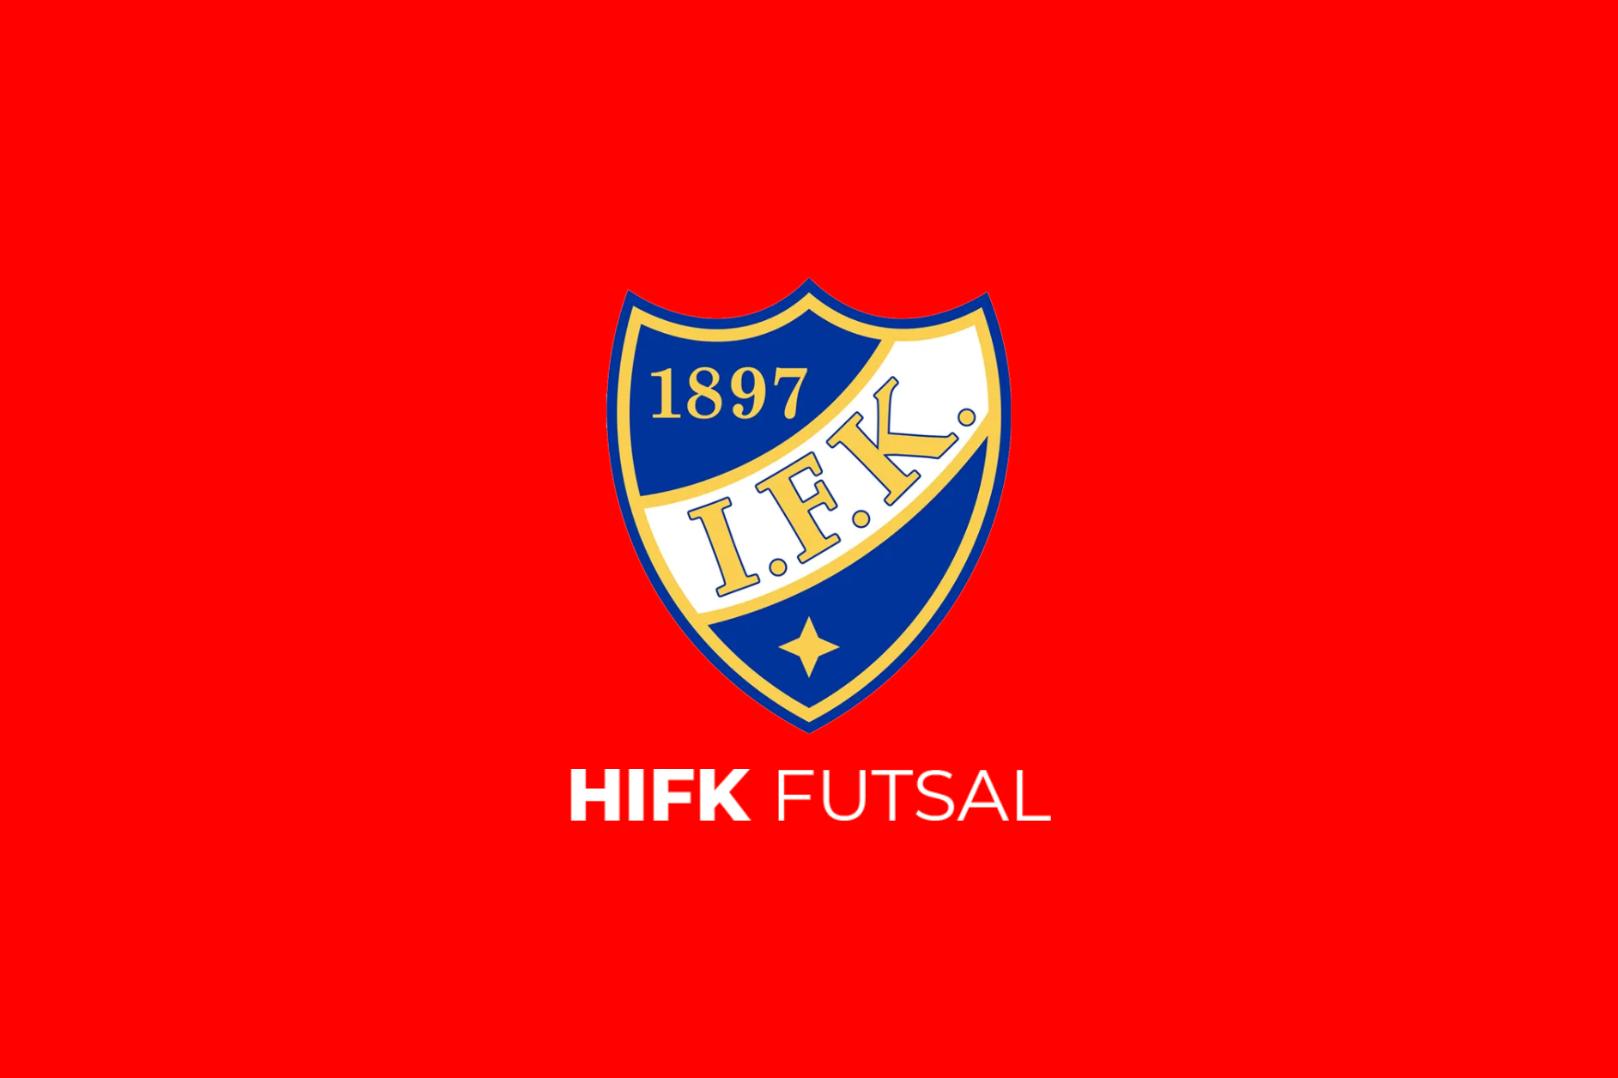 HIFK:n tulevan viikonlopun kotiottelut joudutaan siirtämään